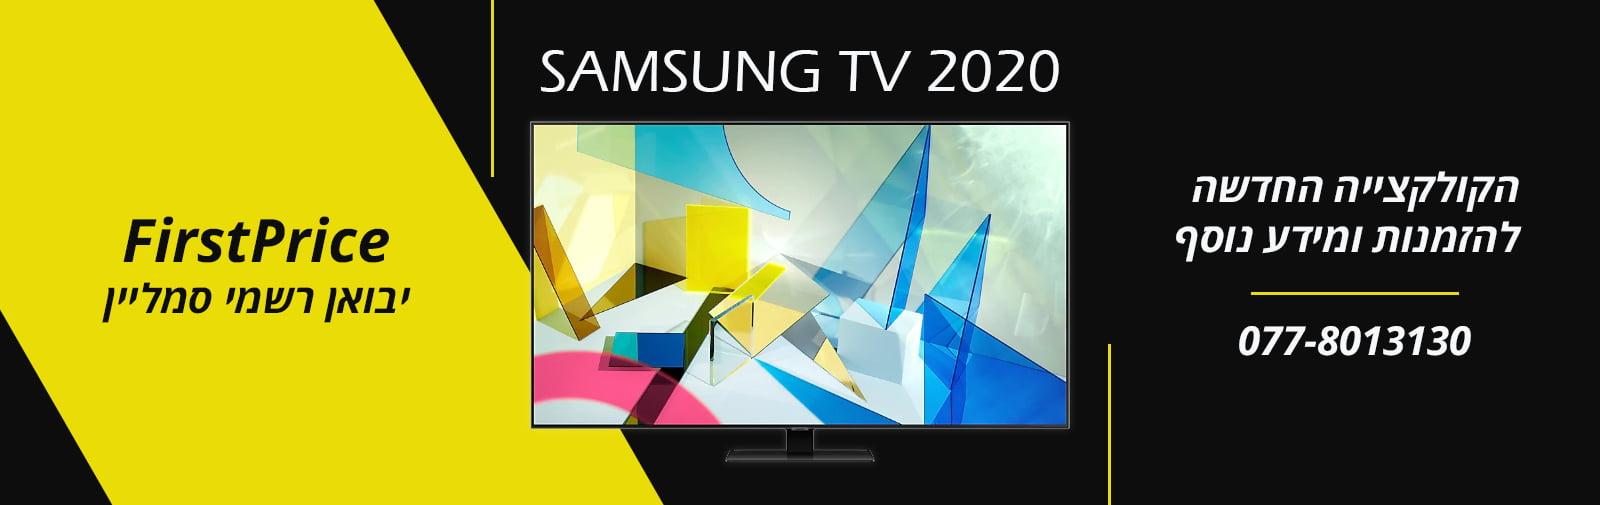 טלוויזיות סמסונג 2020